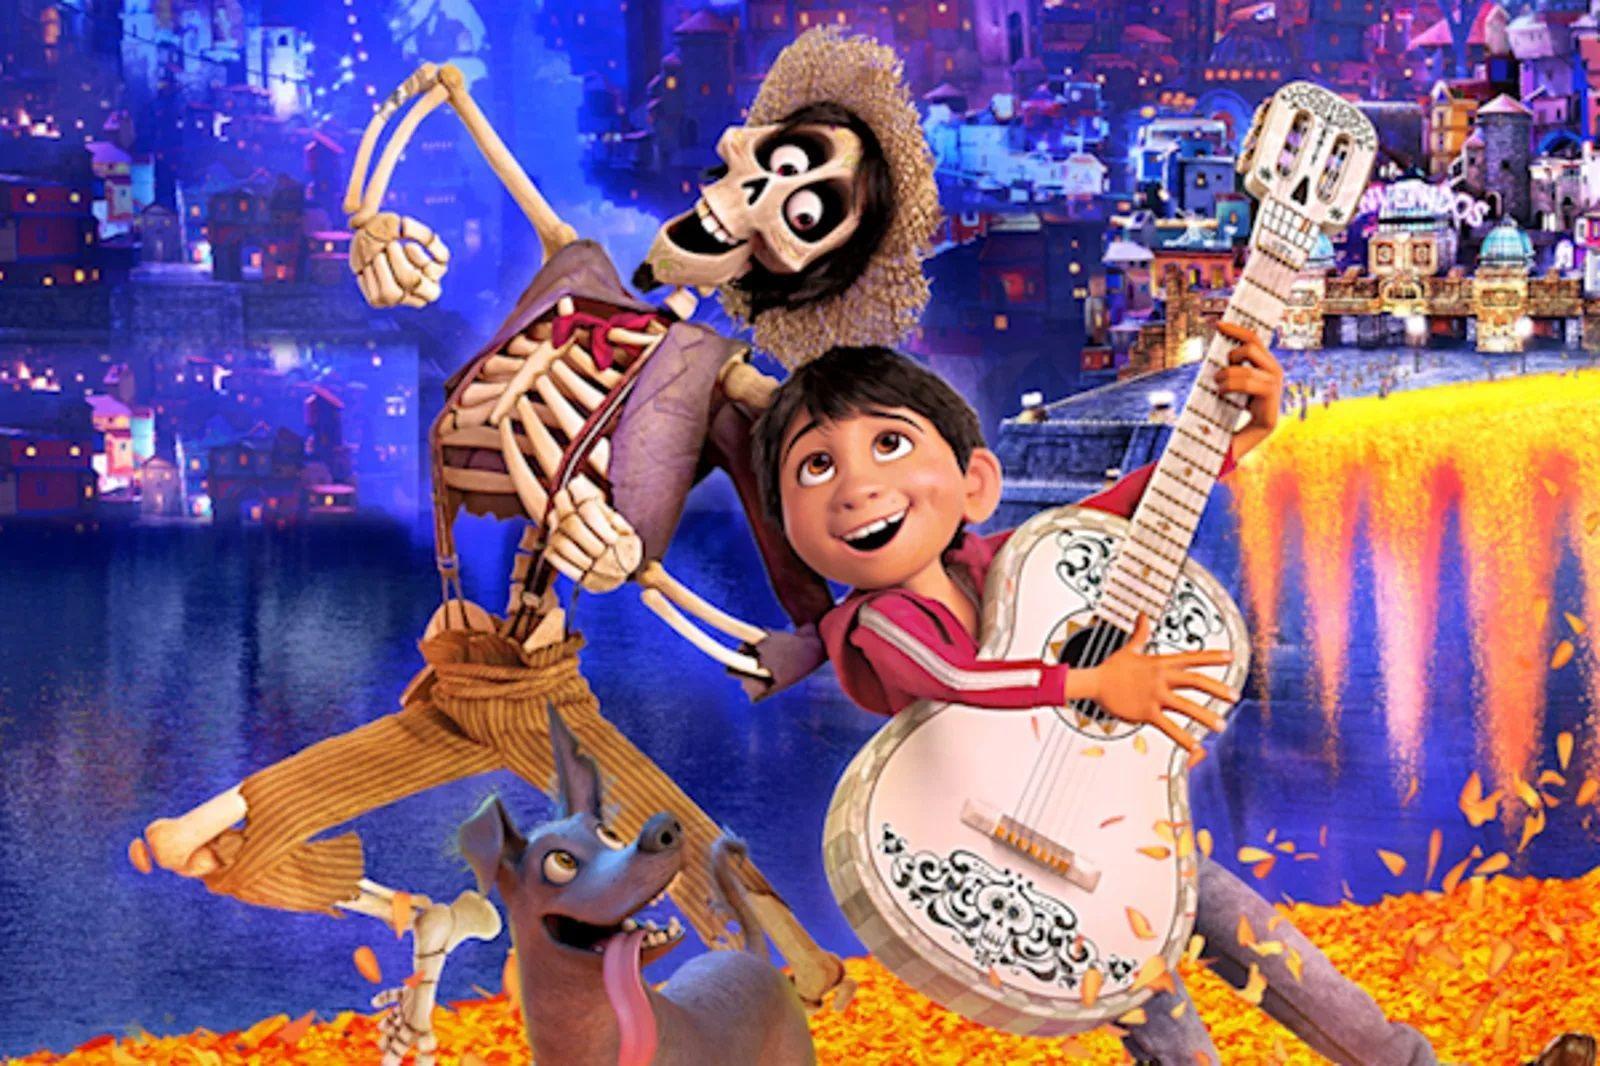 Ver Coco Pelicula Completa En Espanol Latino Coco Pelicula Pelicula Coco Disney Ver Peliculas De Disney